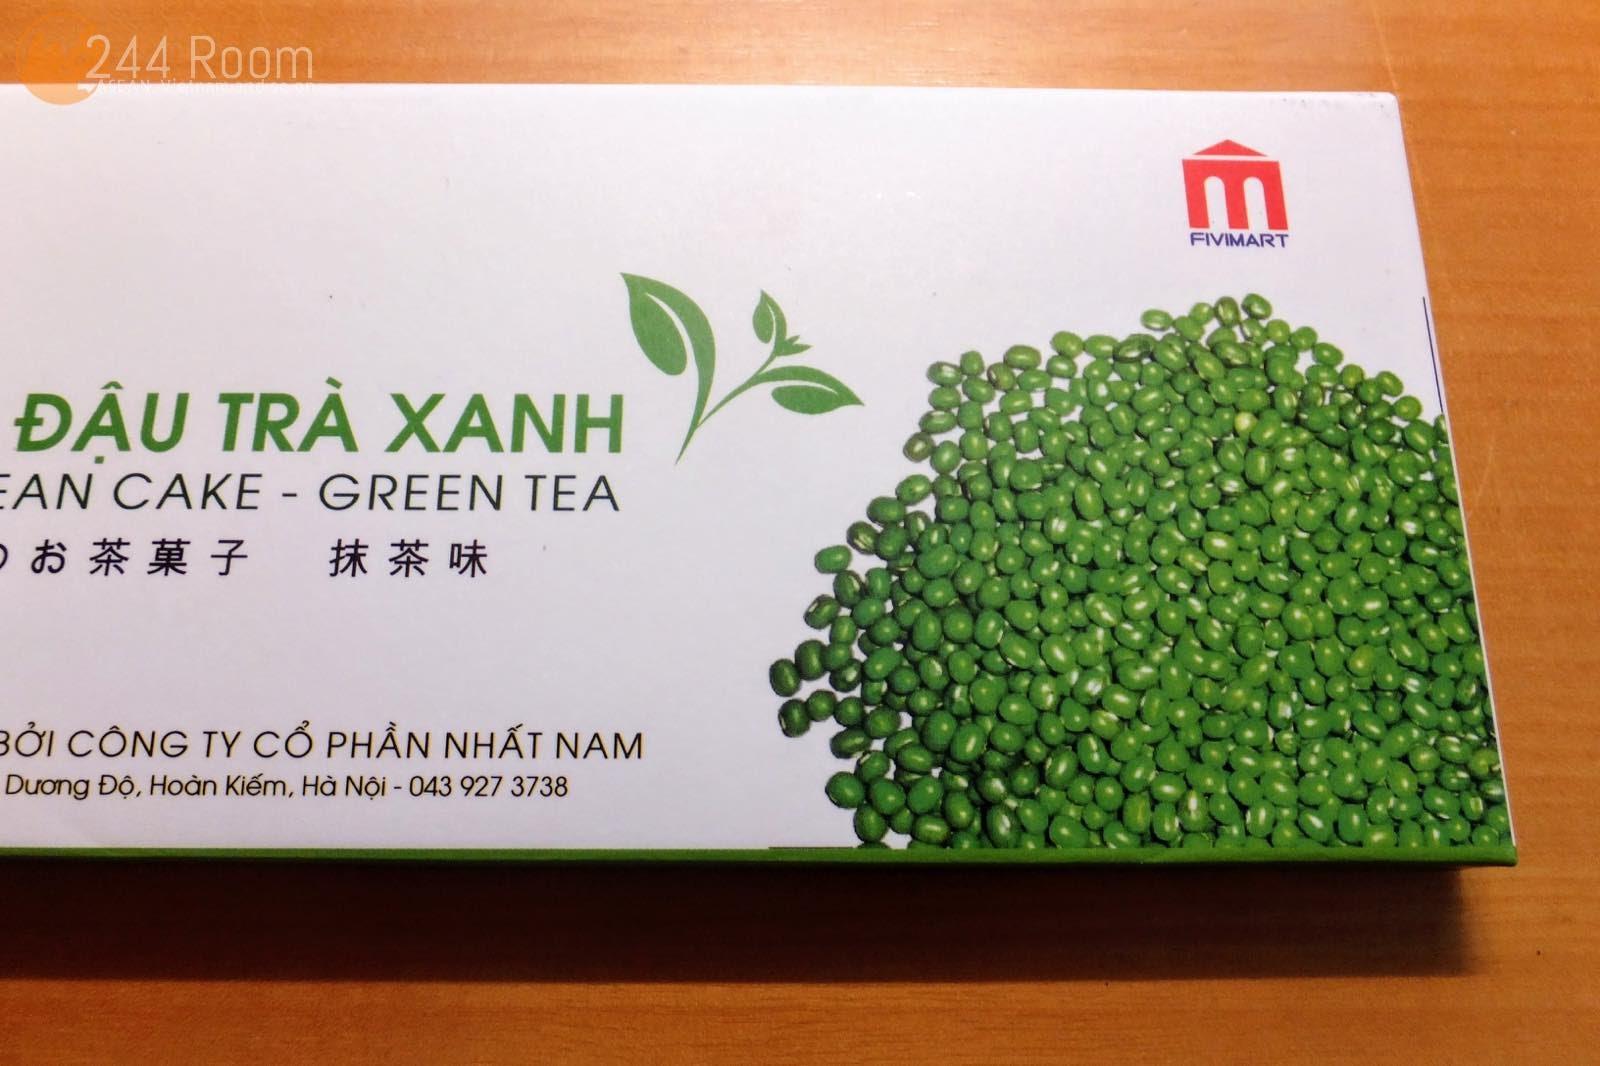 ベトナム緑豆菓子抹茶味 Green bean cake-green tea